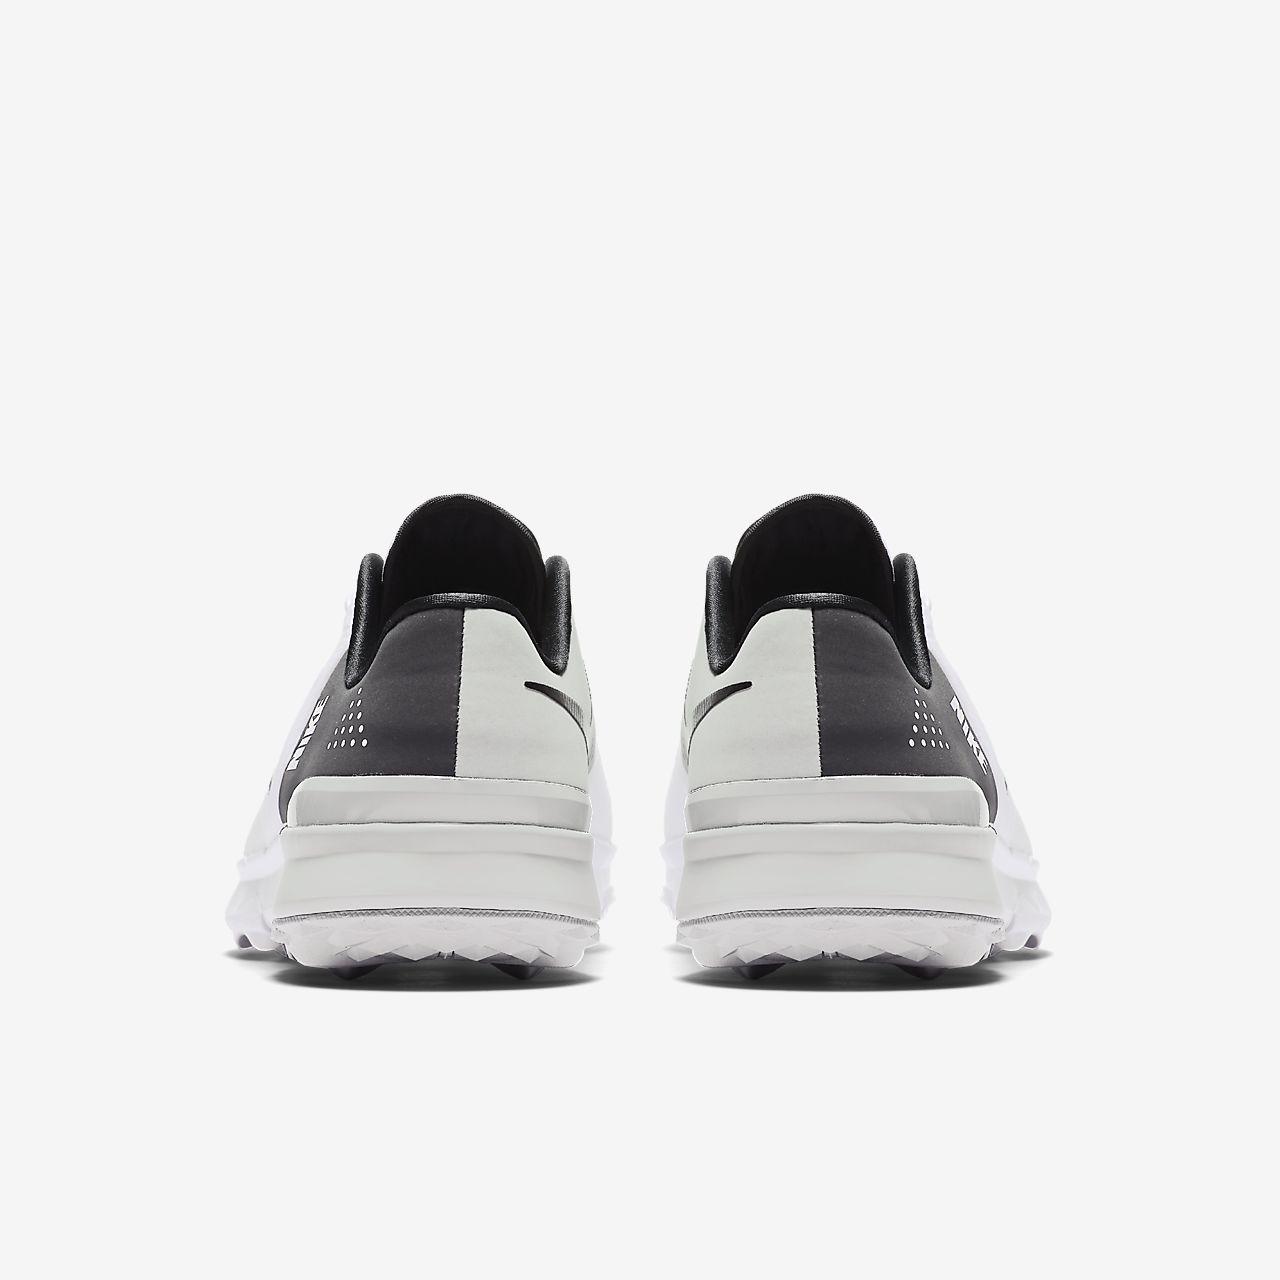 9d84b72e3dac Nike FI Flex (Wide) Men s Golf Shoe. Nike.com IN